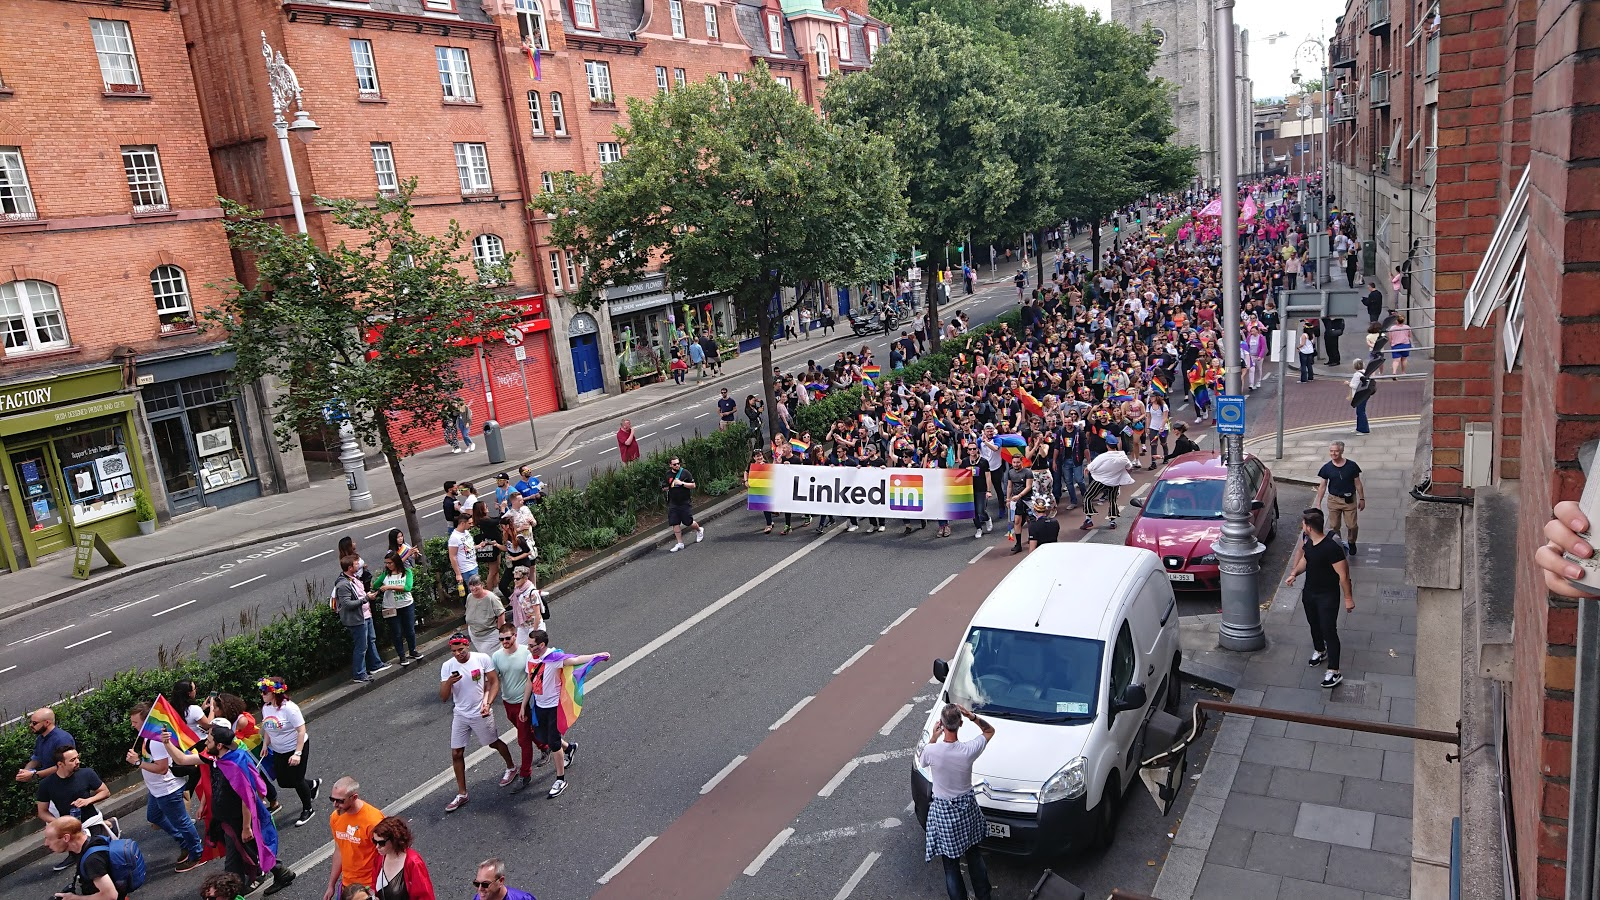 LinkedIn in Dublin Pride 2017